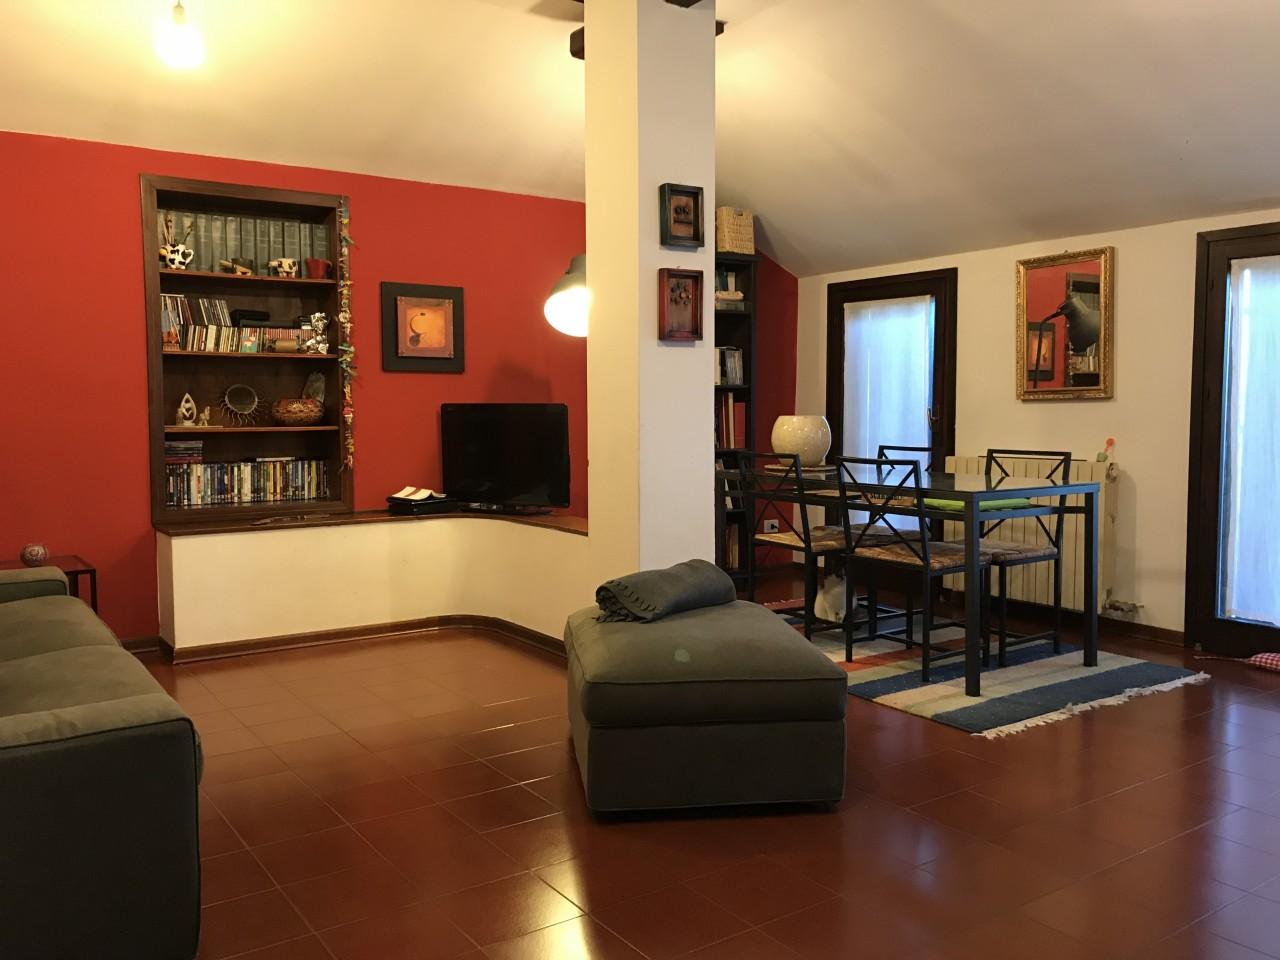 Appartamento mansardato all'ultimo piano con terrazza abitabile